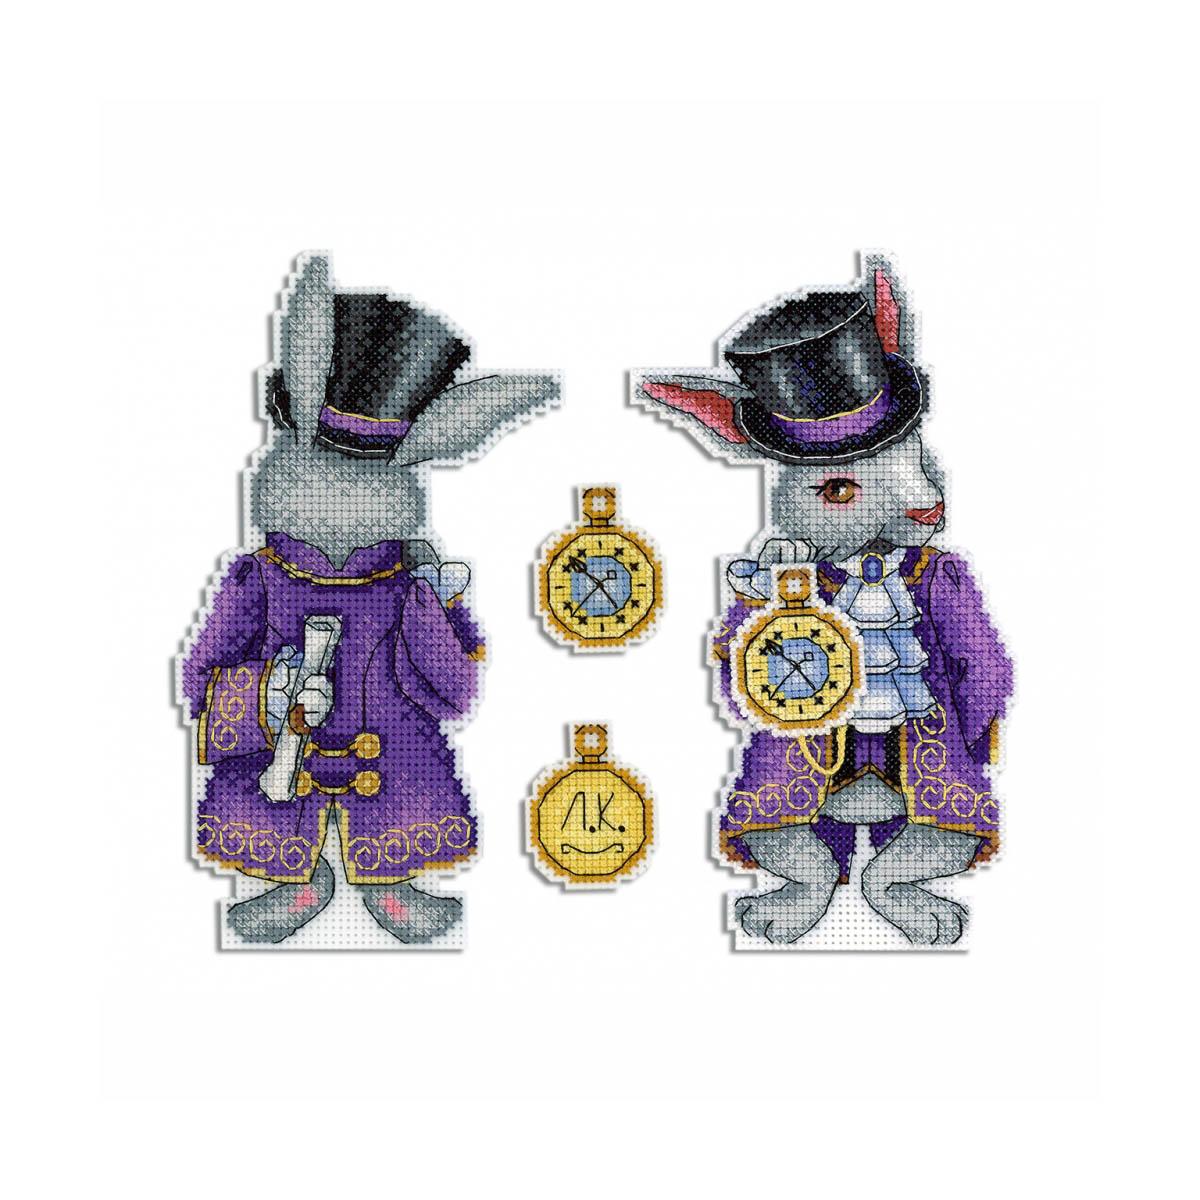 Набор для вышивания на пластиковой канве 'Чудесный кролик' с органайзером для ниток, МП Студия